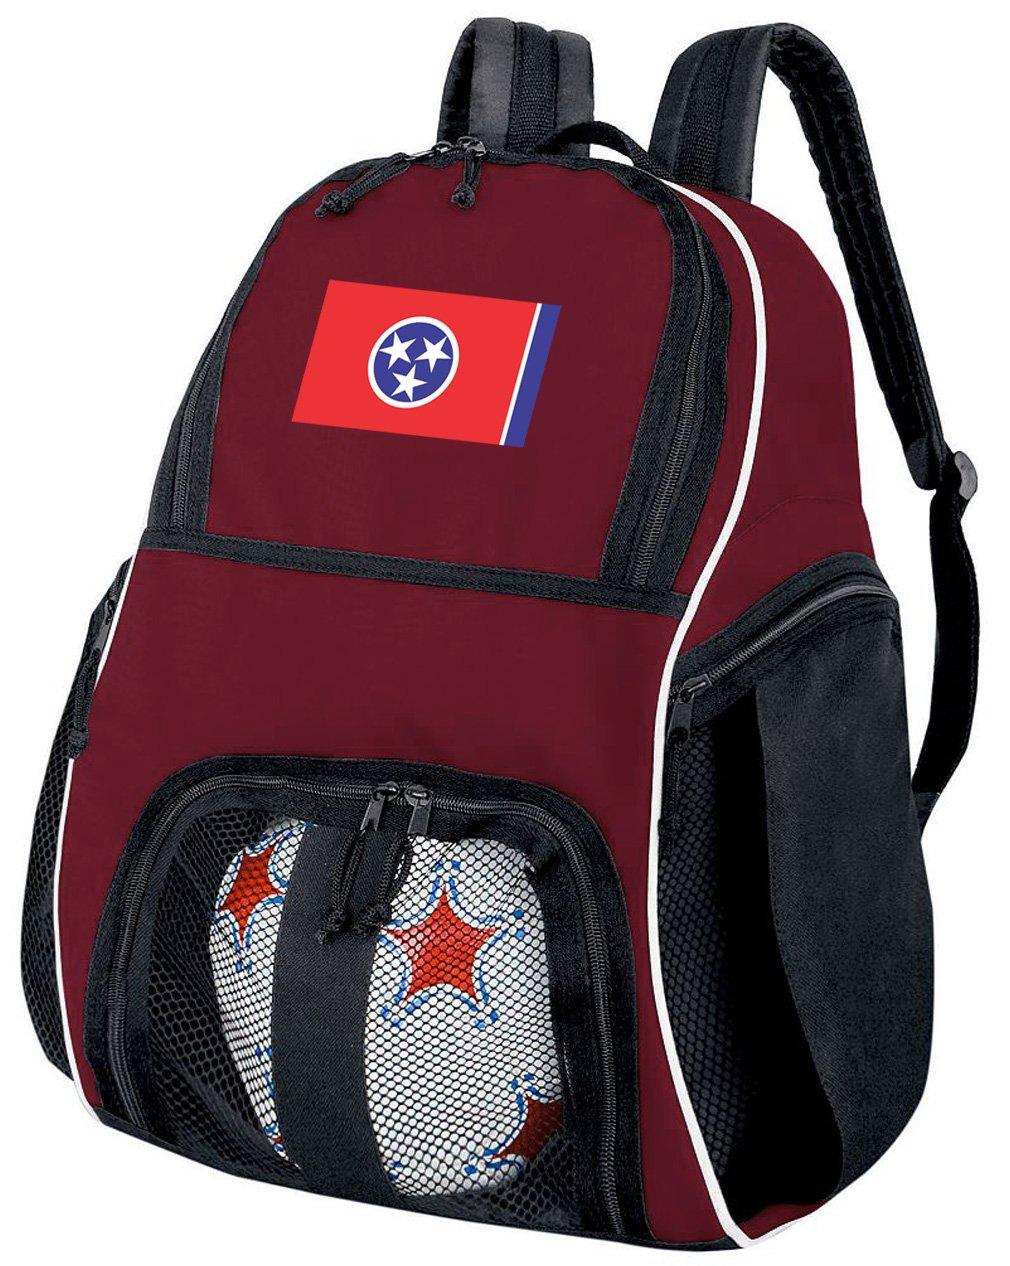 テネシー州サッカーバックパックまたはバレーボールバッグマルーン B07CYM16B7